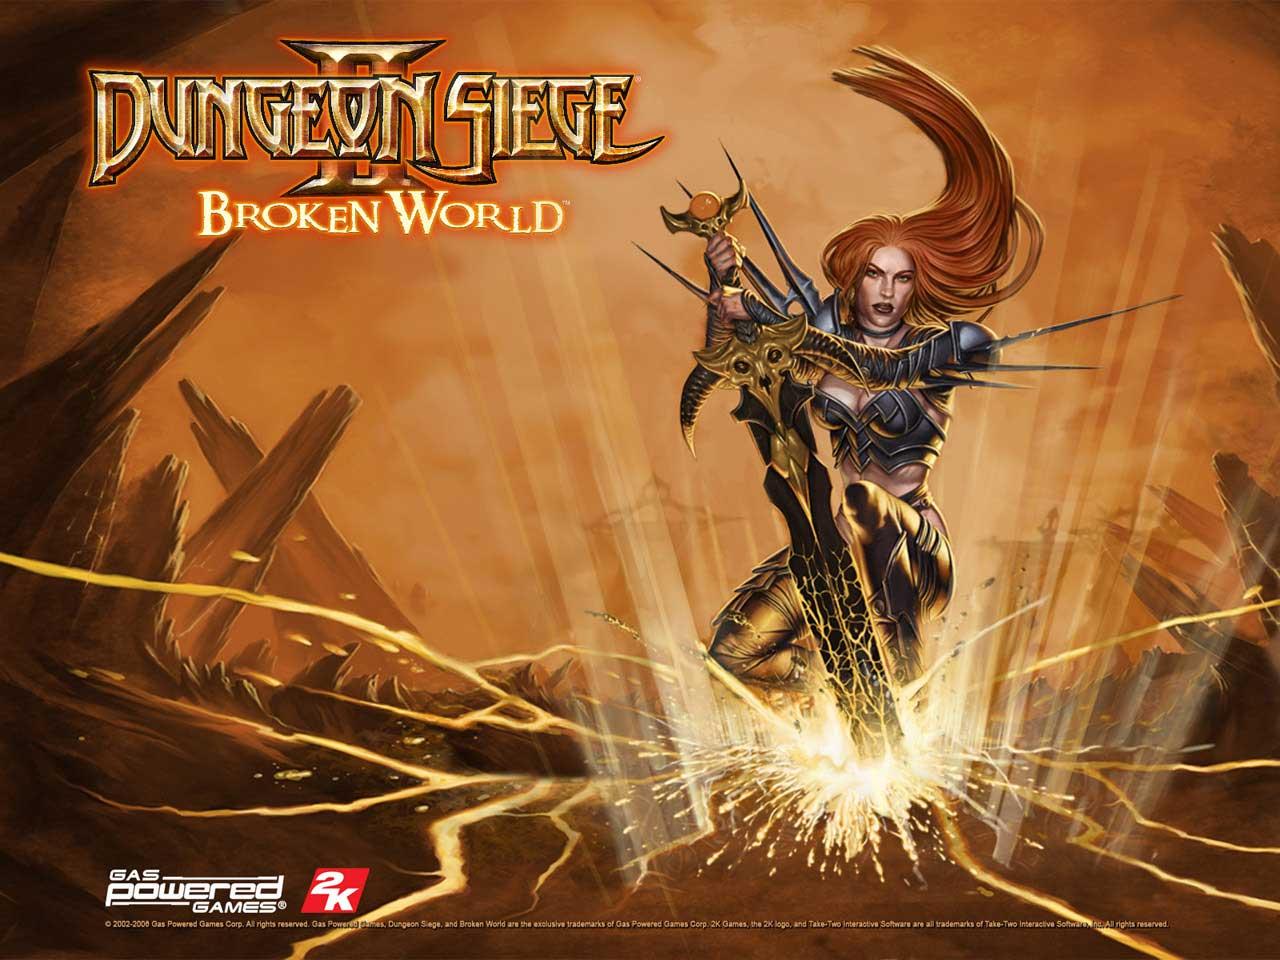 http://1.bp.blogspot.com/-qg-7_i6frIk/TiKO4X9E96I/AAAAAAAABnw/t8yglvj3hF8/s1600/Dungeon+Siege+2+%25285%2529.jpg